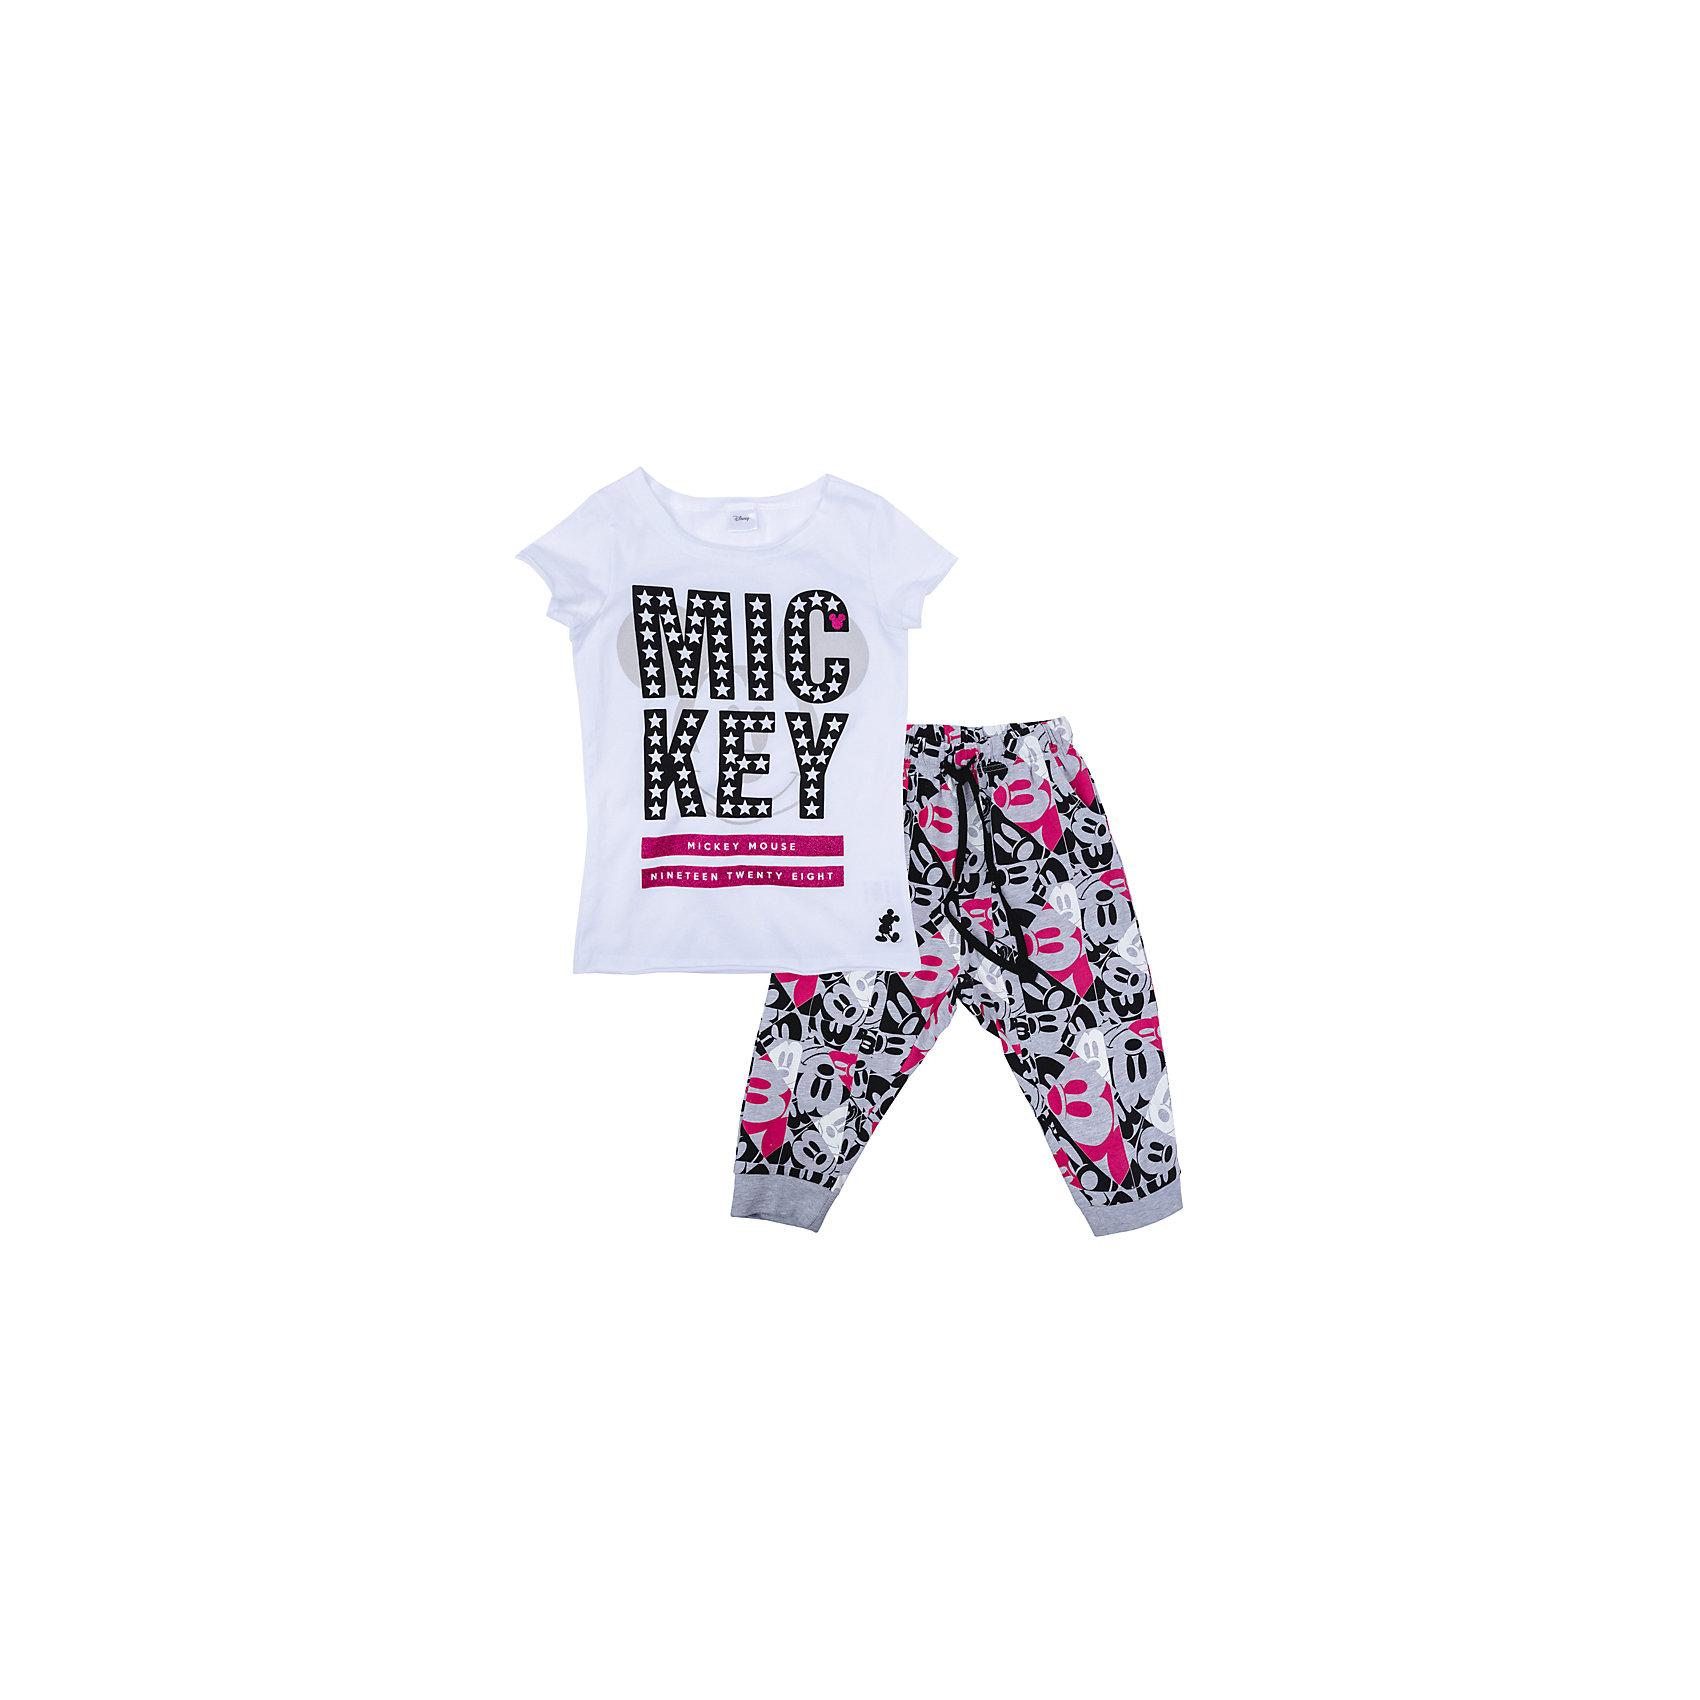 Комплект для девочки ScoolКомплекты<br>Комплект для девочки Scool<br>Комплект из футболки и бюк прекрасно подойдет как для домашнего использования, так и для  прогулок на свежем воздухе. Мягкий, приятный к телу материал не сковывает движений. Яркая аппликация является достойным украшением данного изделия. Брюки на мягкой удобной резинке с регулируемым шнуром - кулиской, низ брючин на манжетах.<br>Состав:<br>95% хлопок, 5% эластан<br><br>Ширина мм: 215<br>Глубина мм: 88<br>Высота мм: 191<br>Вес г: 336<br>Цвет: разноцветный<br>Возраст от месяцев: 156<br>Возраст до месяцев: 168<br>Пол: Женский<br>Возраст: Детский<br>Размер: 164,134,140,146,152,158<br>SKU: 5407246